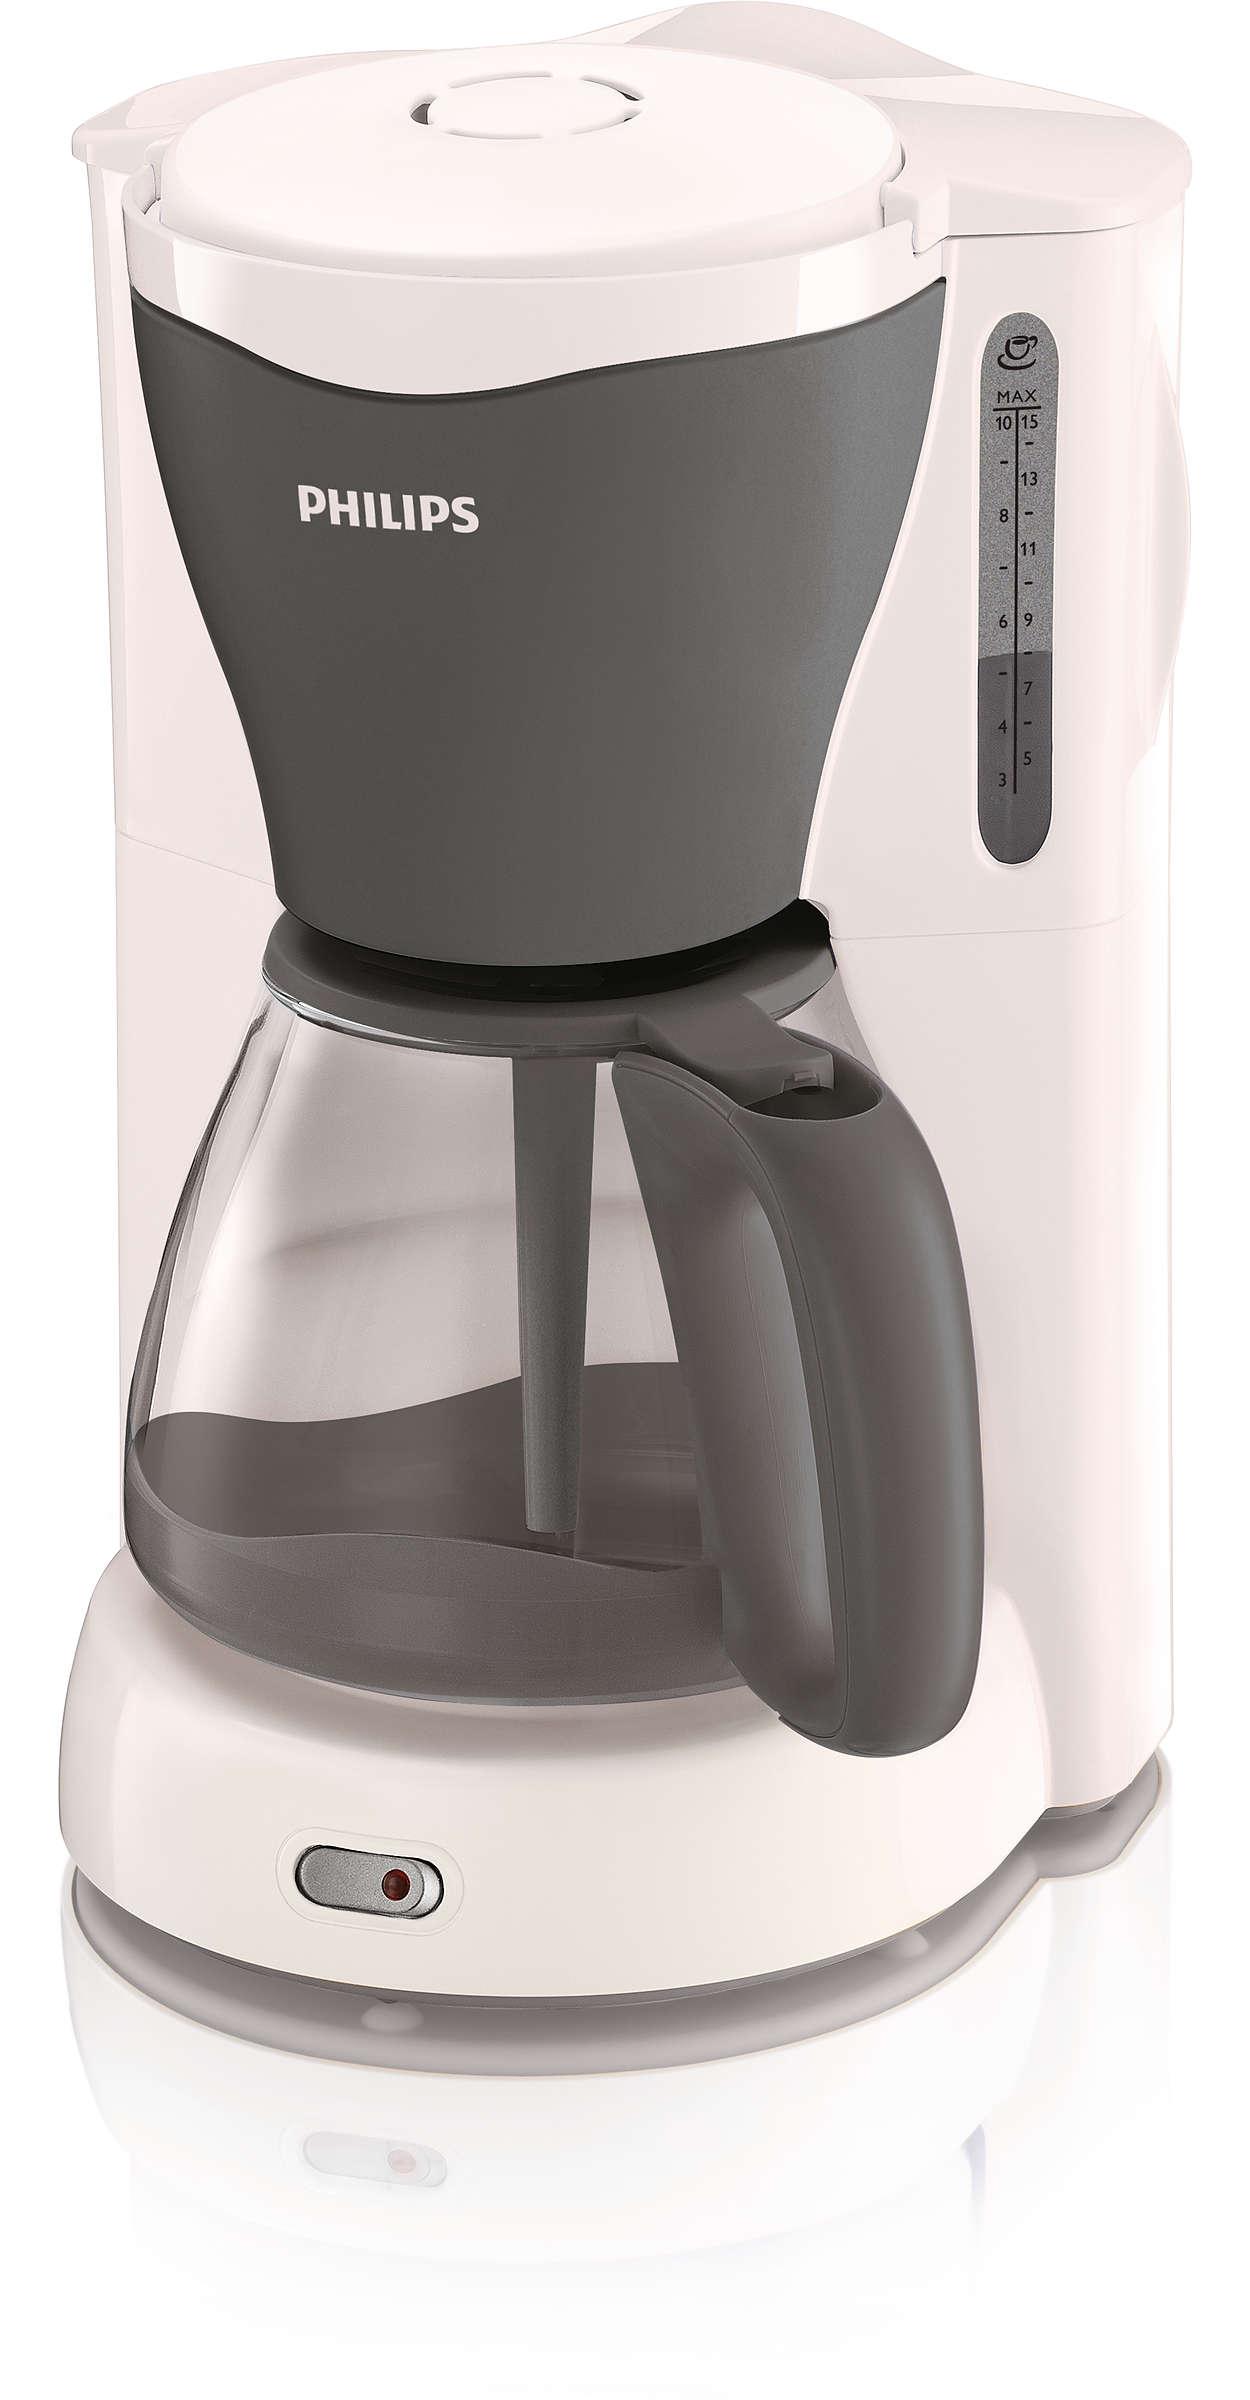 Ottimo caffè, sino all'ultima goccia